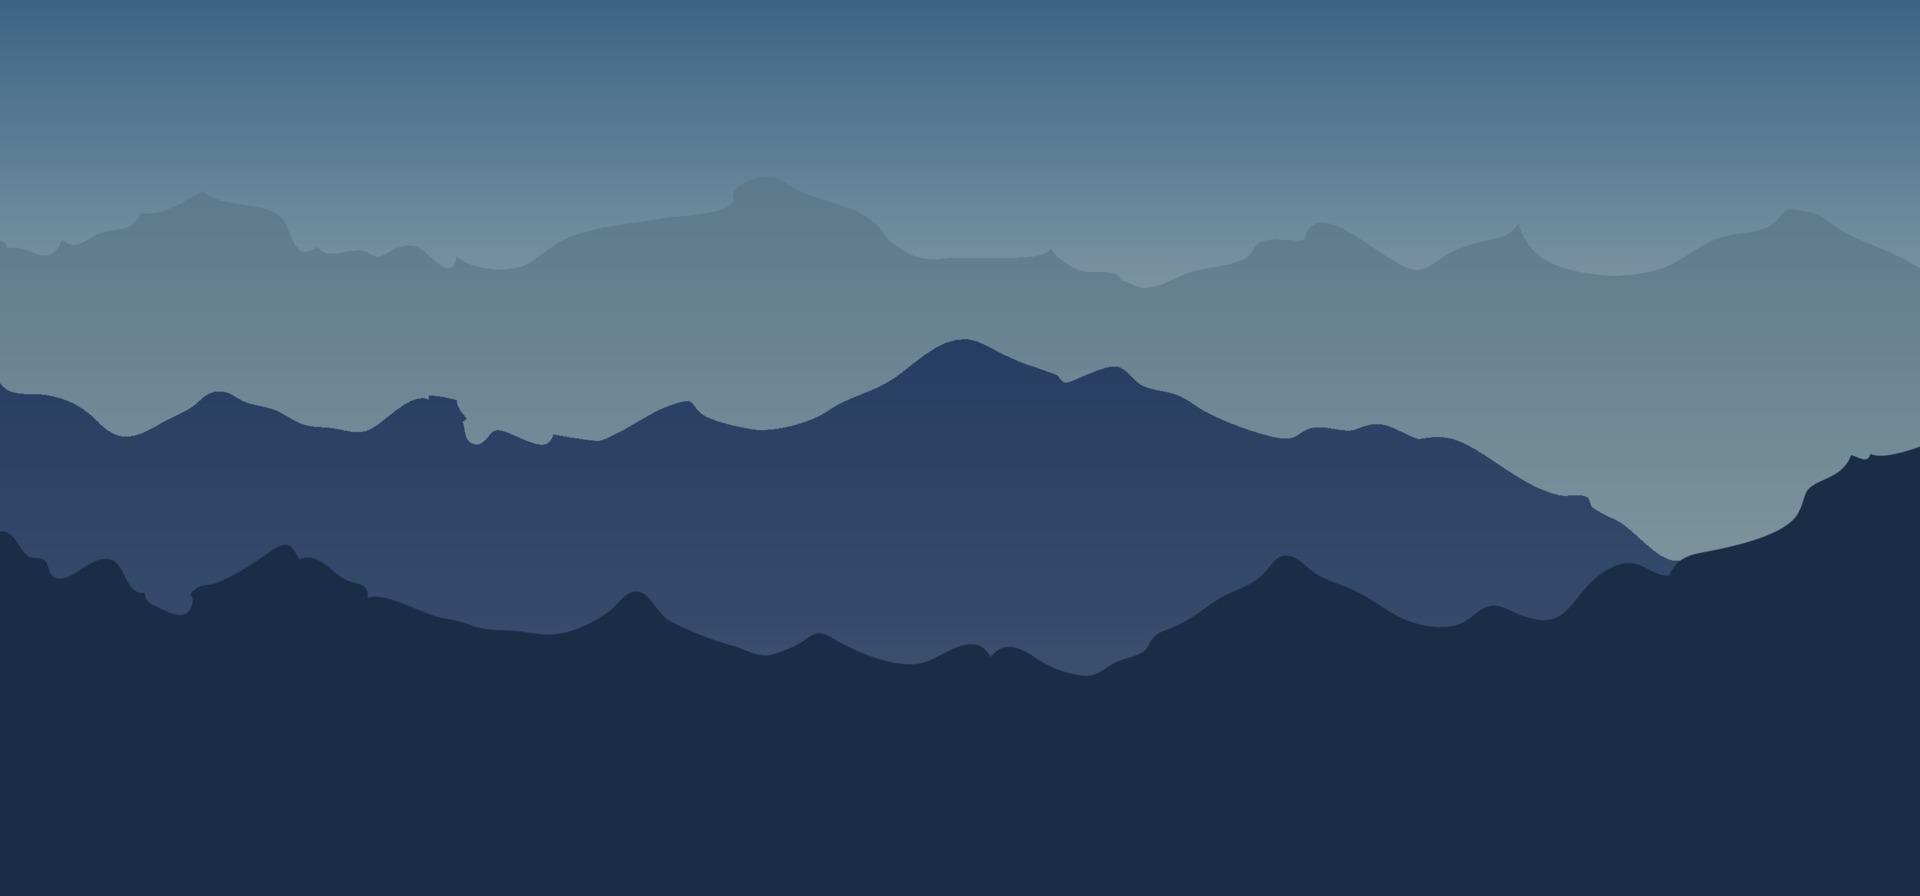 berglandschap weergave blauwe toon silhouet achtergrond. vector